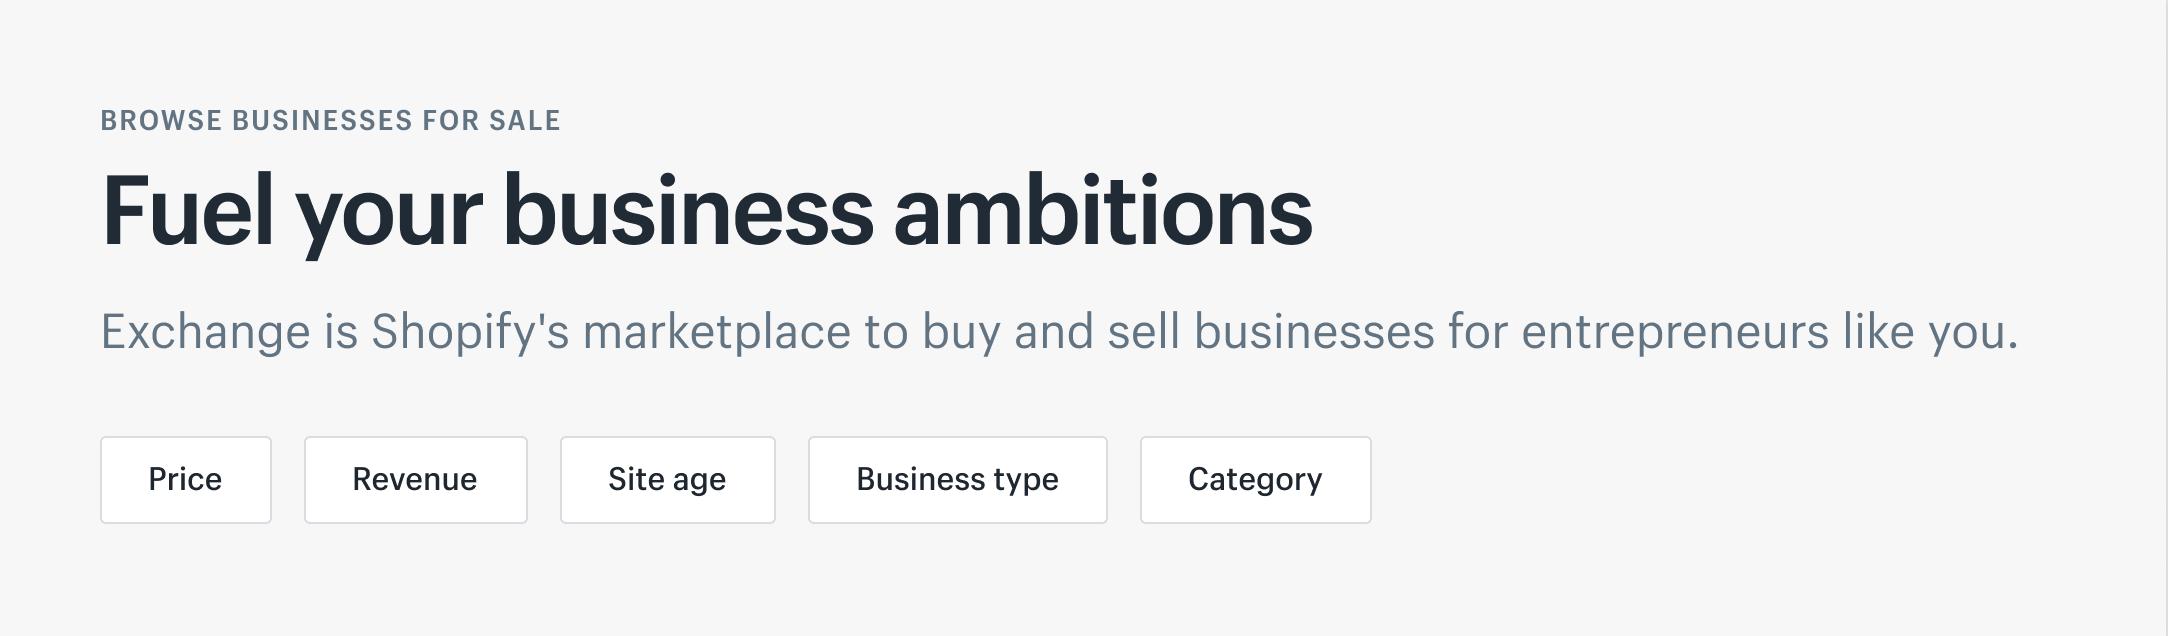 Биржа обмена: как покупать и продавать магазины Shopify